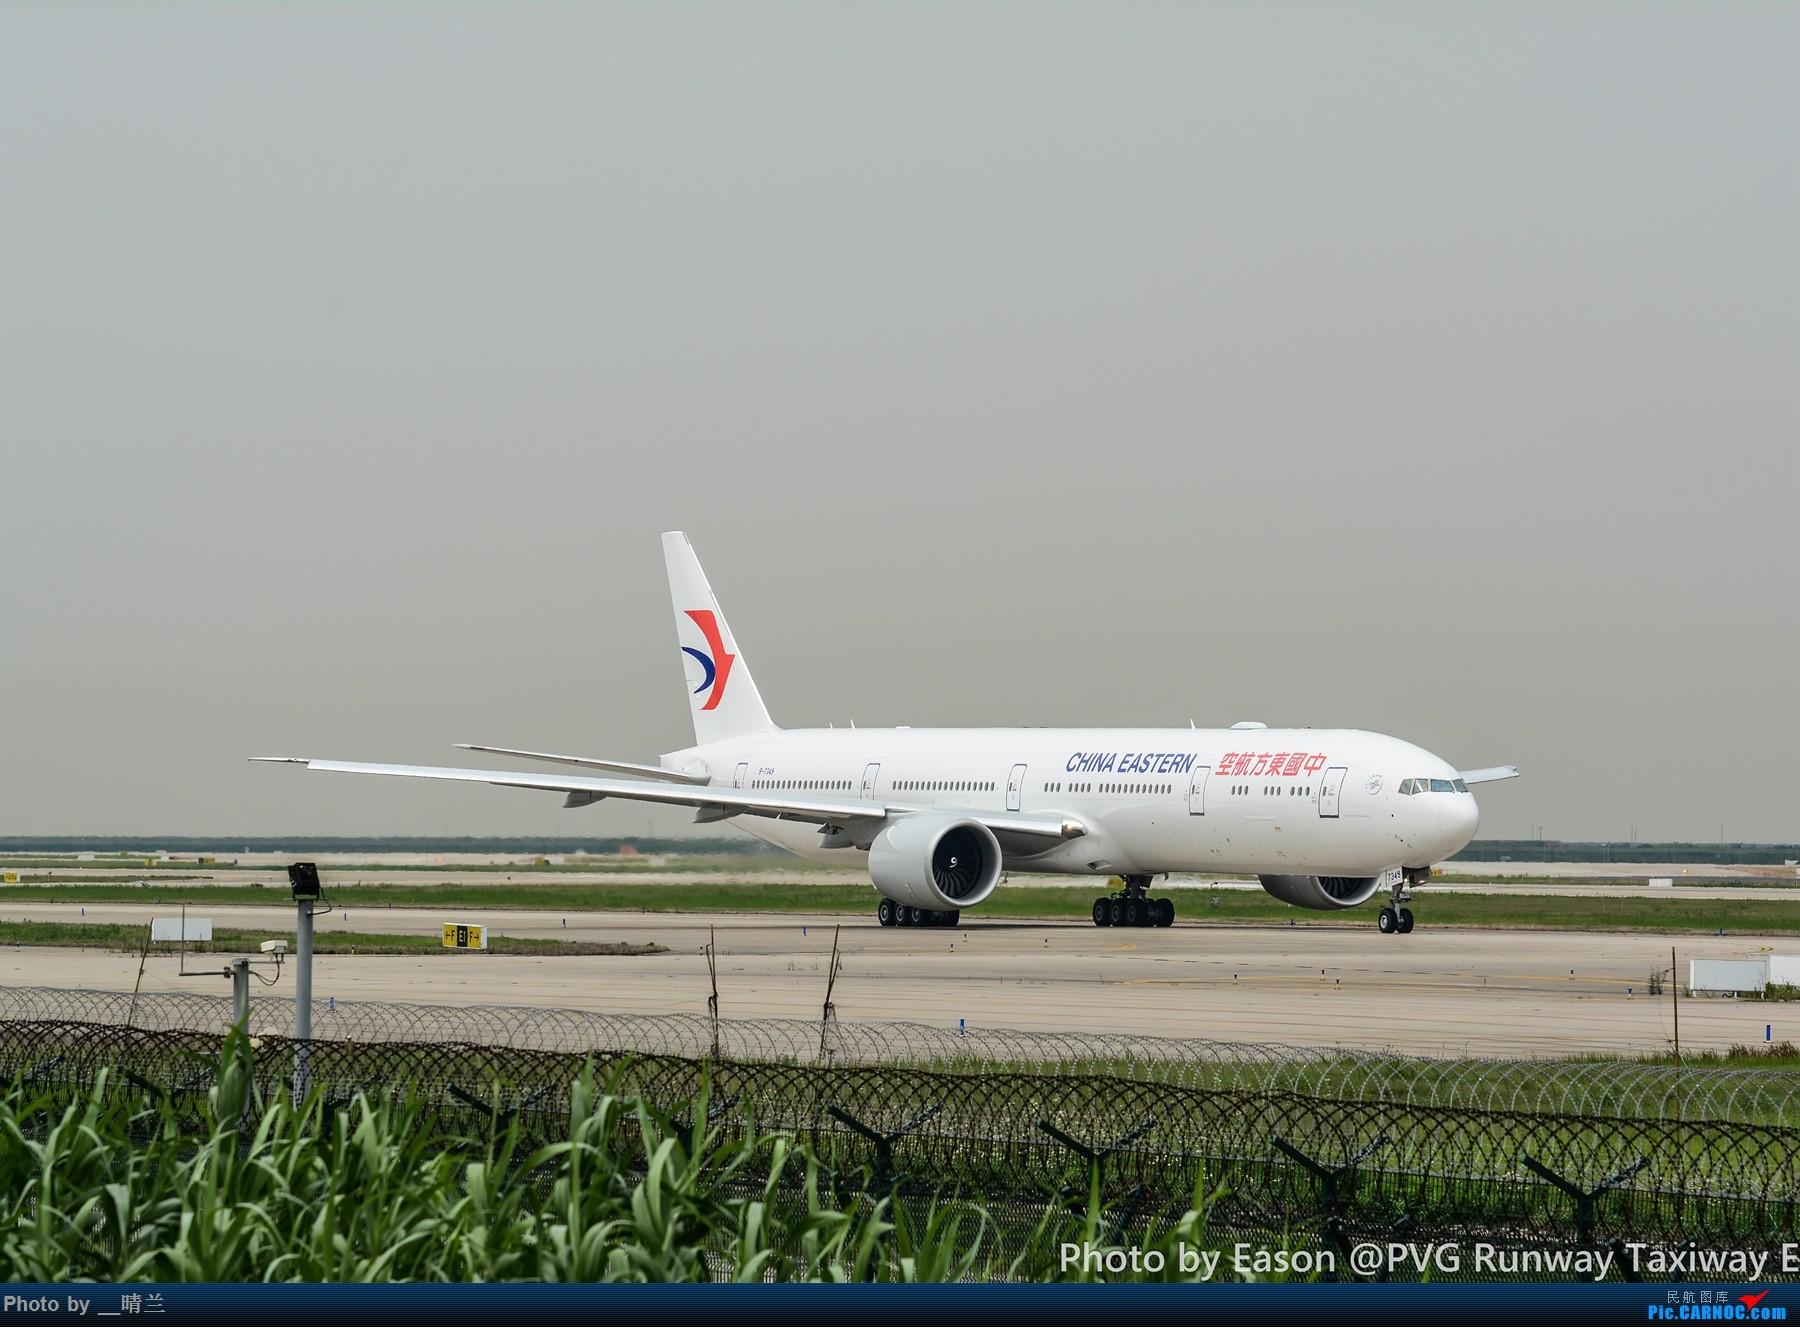 浦东机场 官网_中国国际航空在浦东机场几号航站楼登机-国航的航班在浦东国际 ...